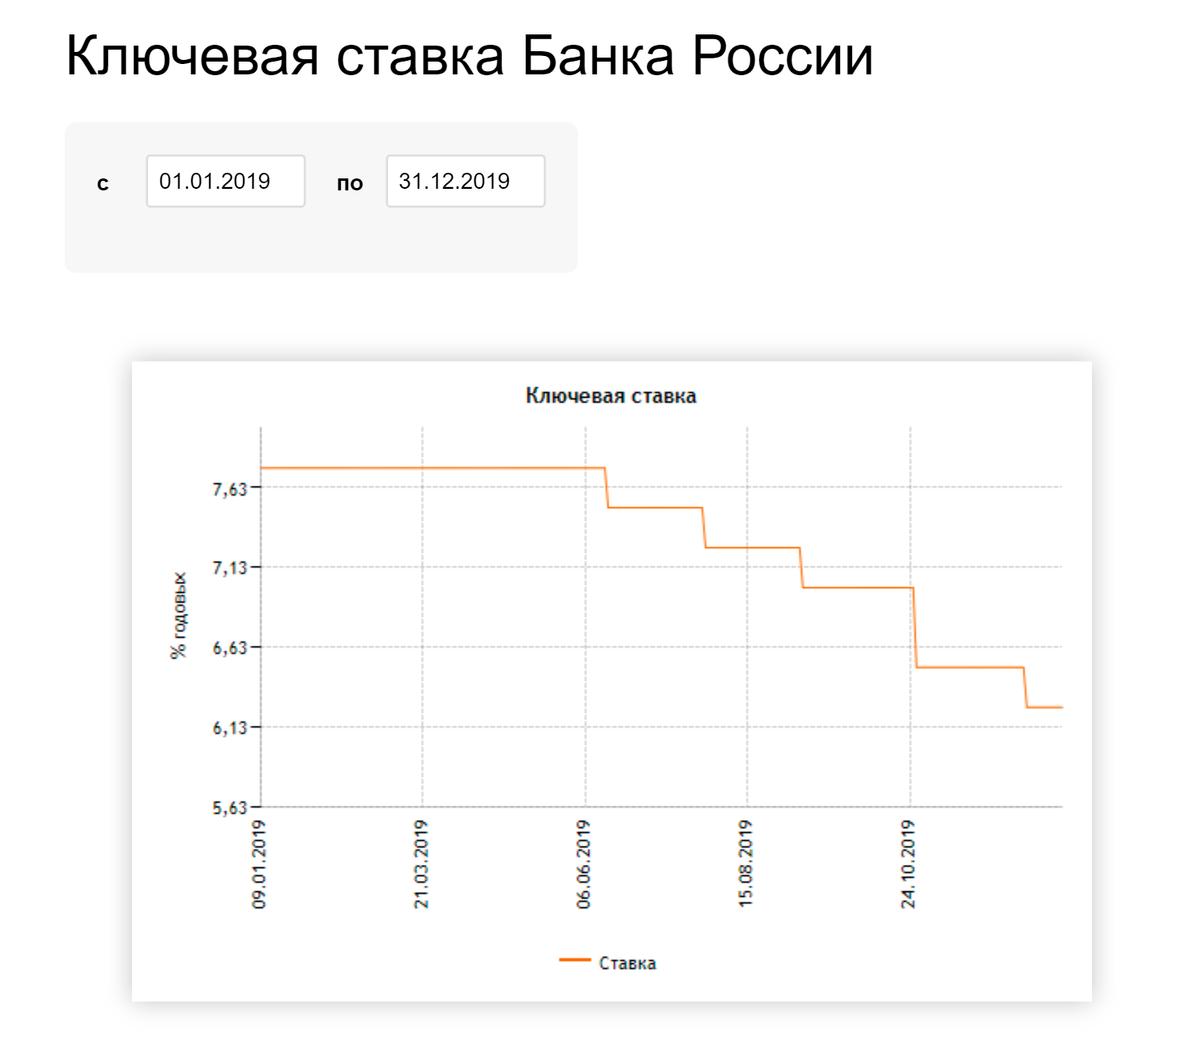 Так за 2019 год снизилась ключевая ставка Банка России